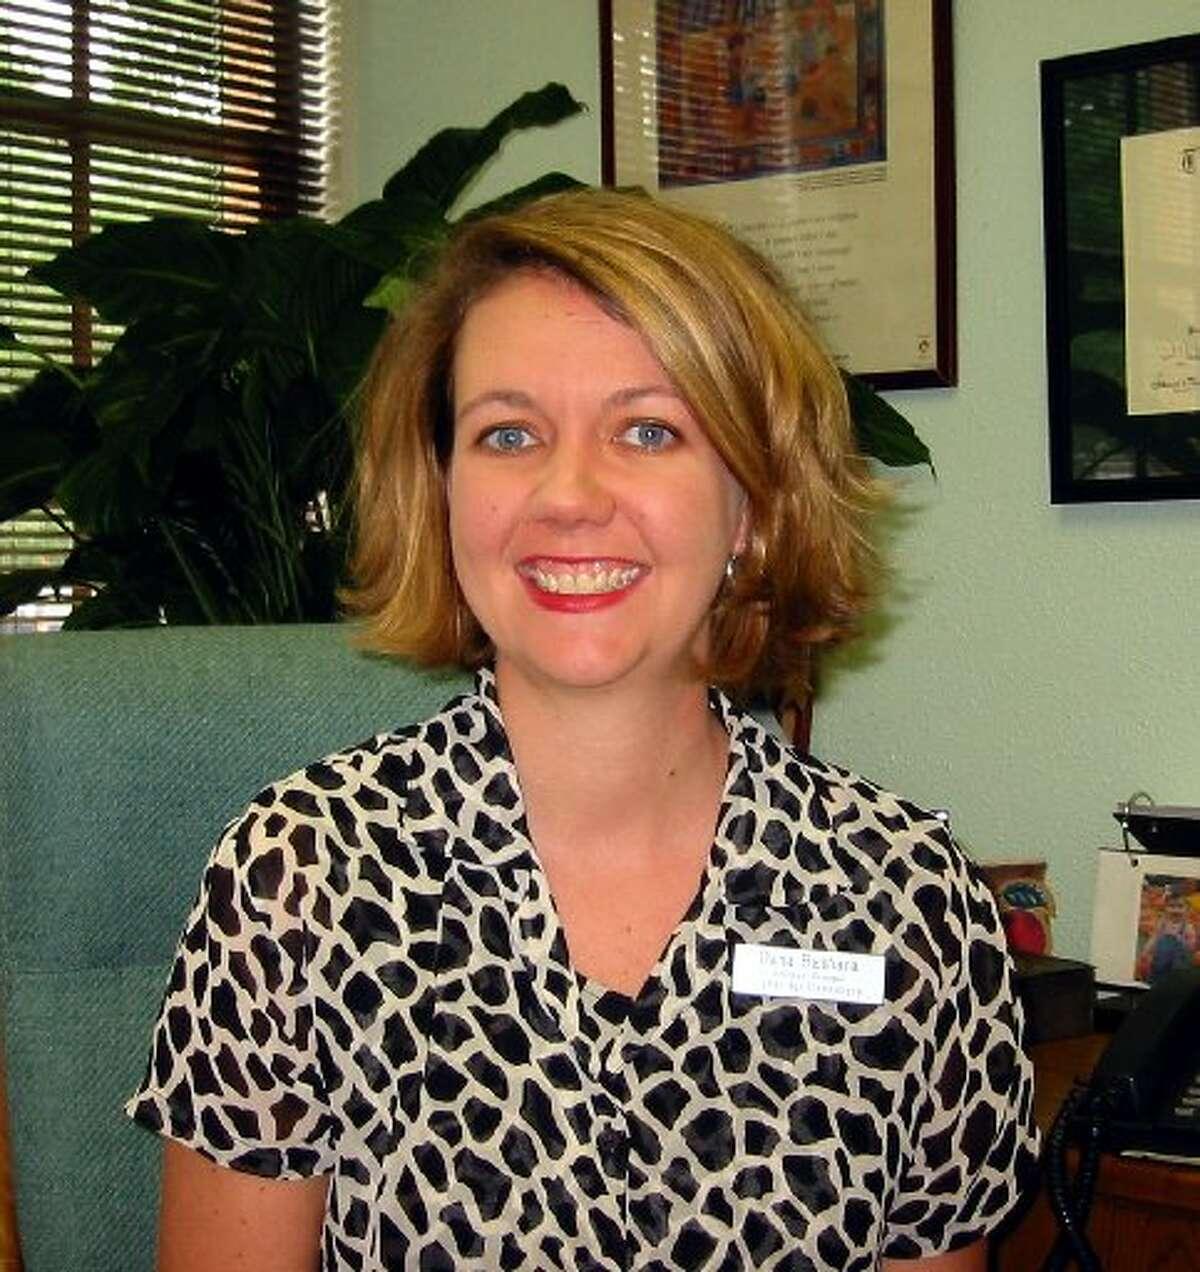 Dana Bashara will be the next superintendent of Alamo Heights ISD.